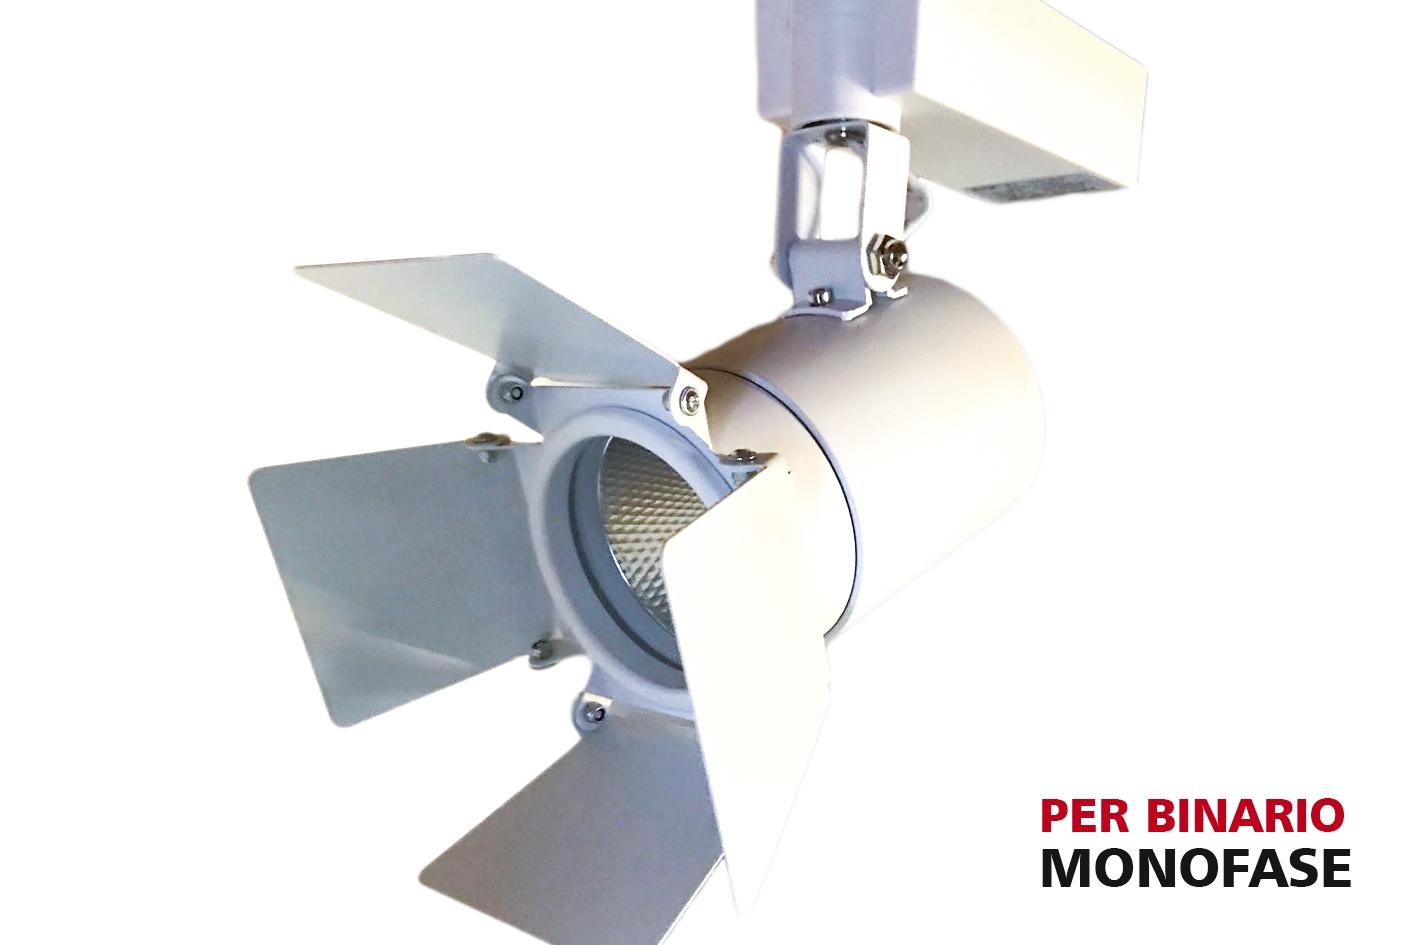 Faro Lampada Led A Binario 30W Bianco Neutro Carcassa Bianca Mono Fase Luce Stretto 24 Gradi Con Riflettore Regolabile - PZ